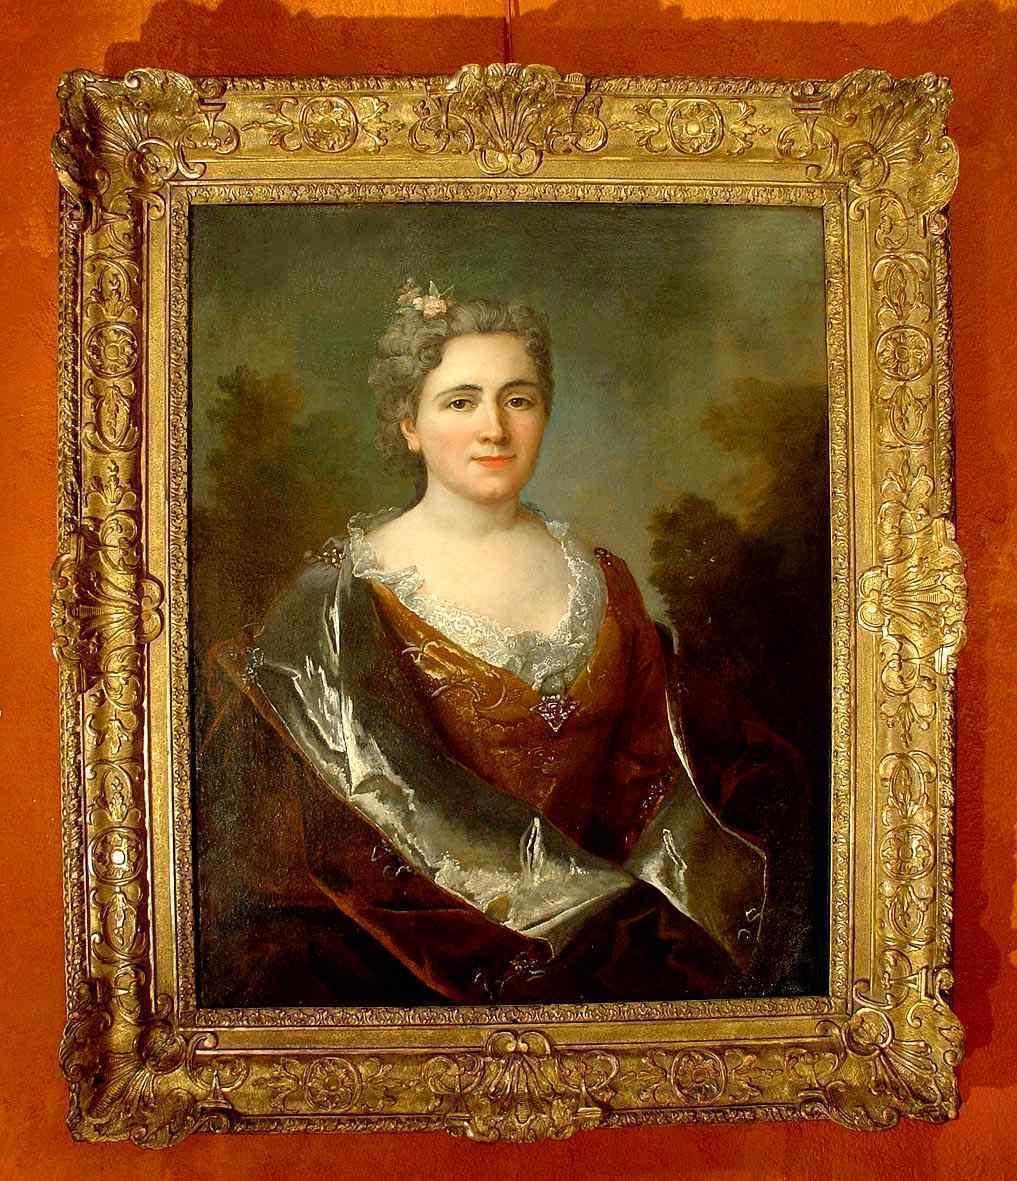 Ritratto di dama, attr. Largillierre XVIII secolo